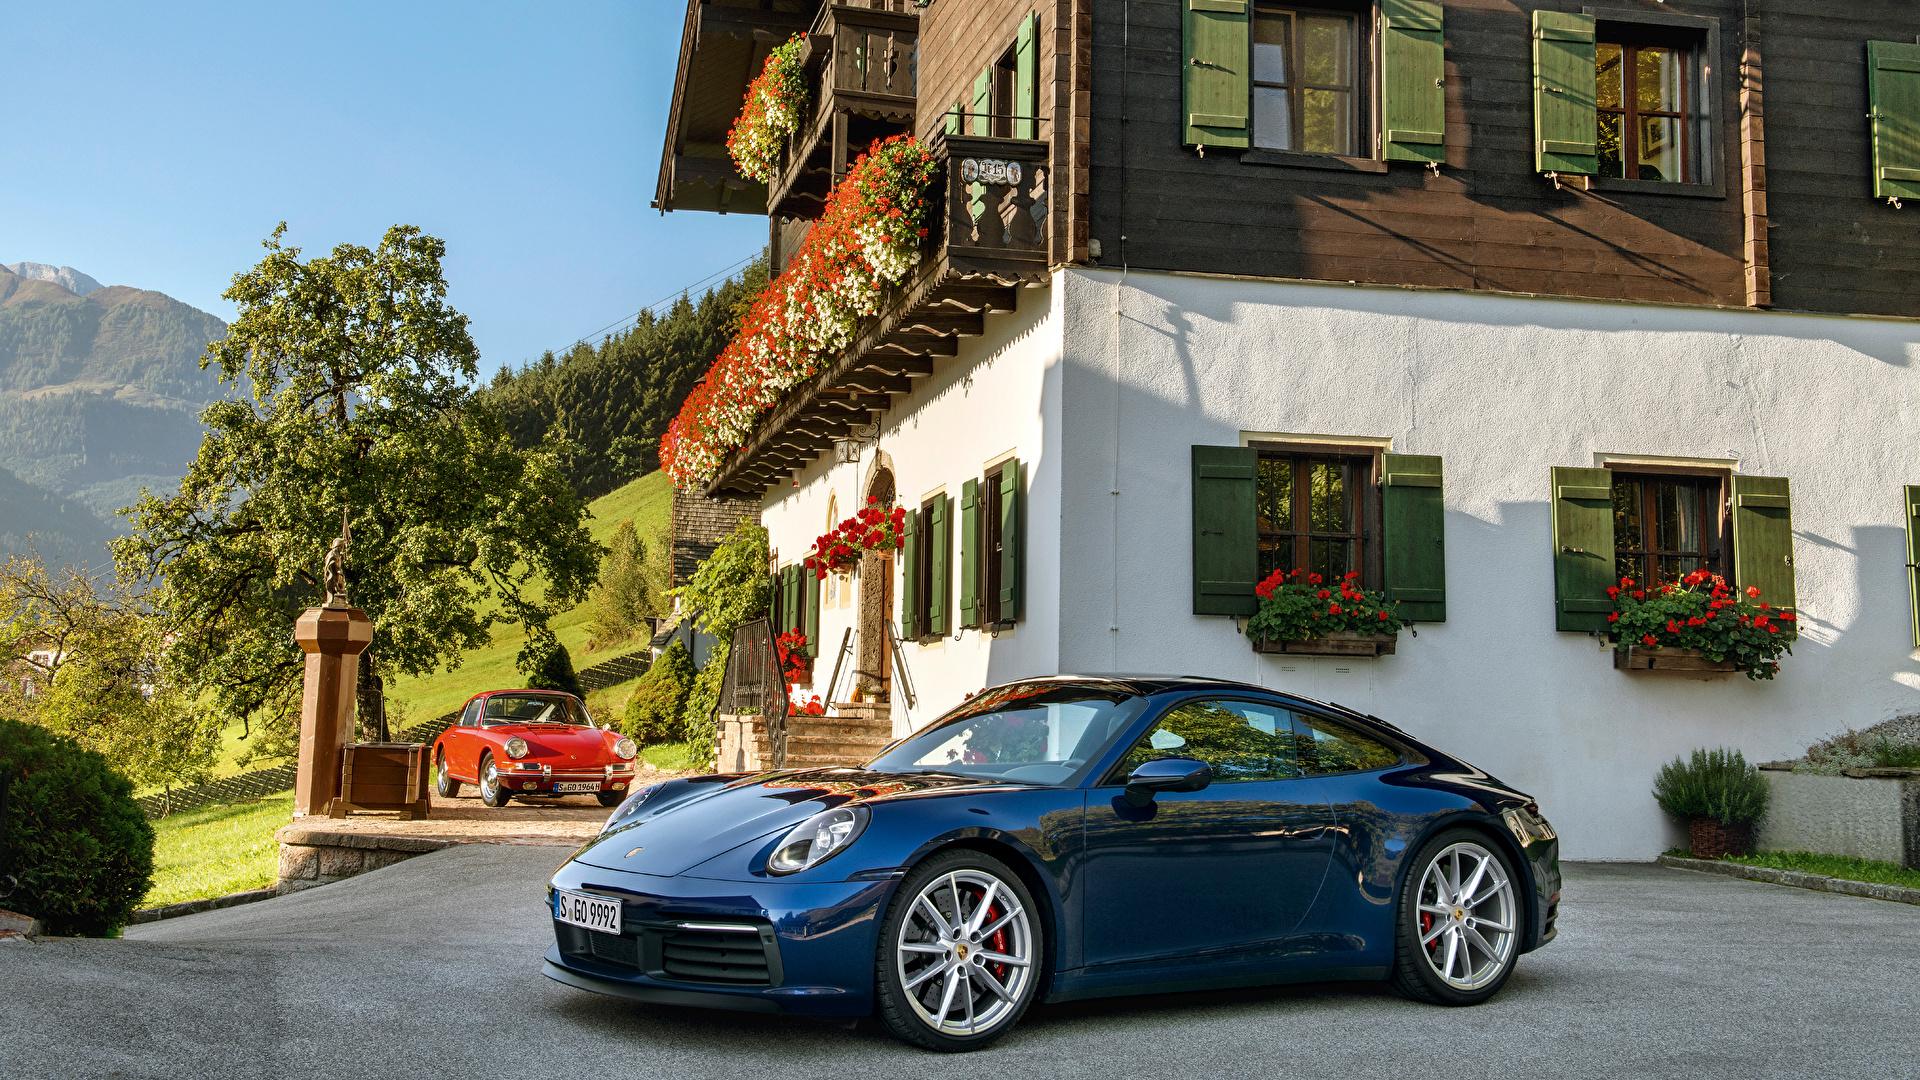 Фото Porsche 1964-2019 911 Синий Металлик Автомобили 1920x1080 Порше синих синие синяя авто машина машины автомобиль